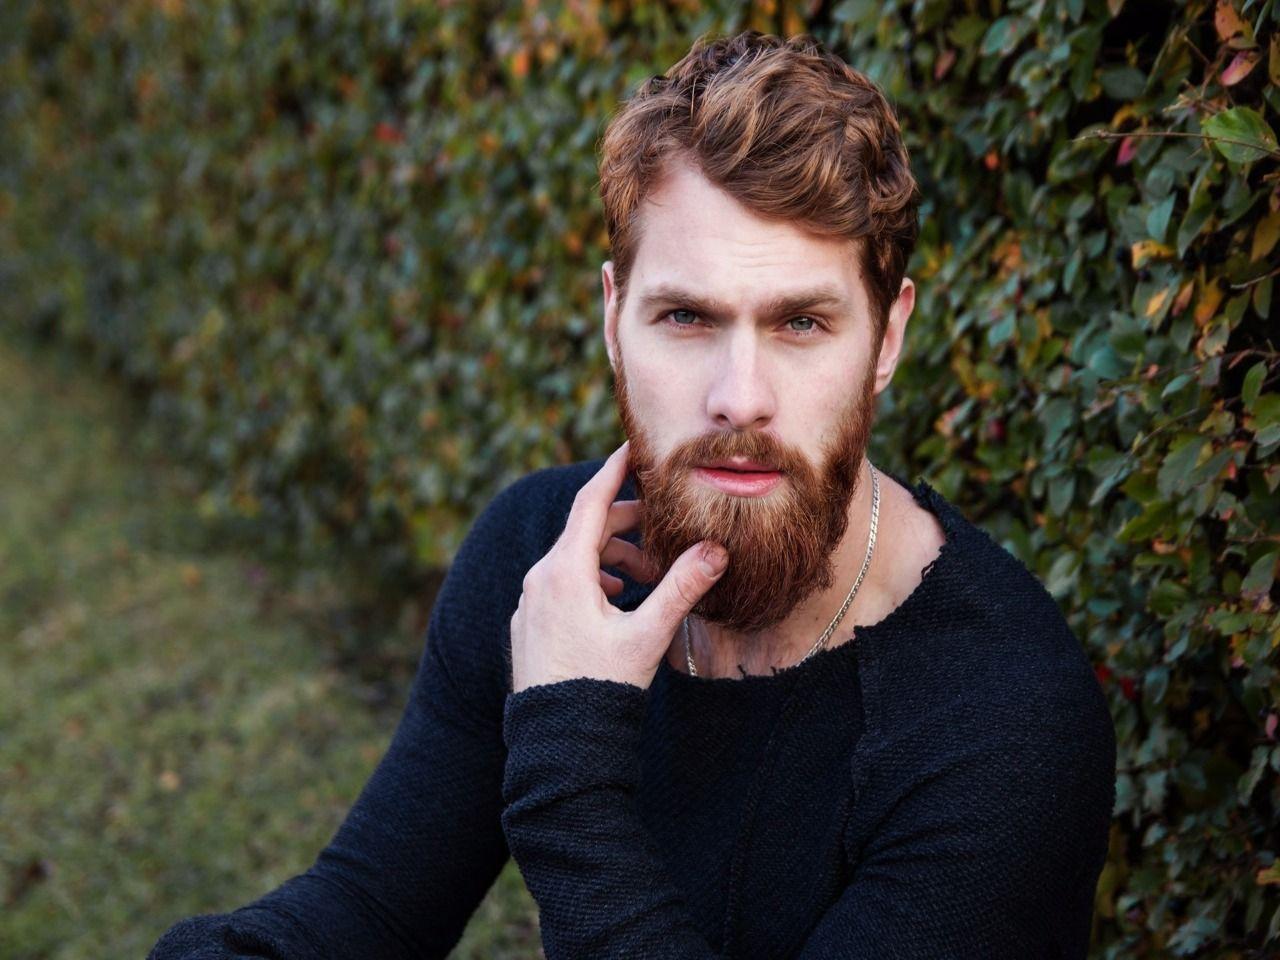 Jak Się Obciąć Poznaj 3 Najwygodniejsze Fryzury Męskie